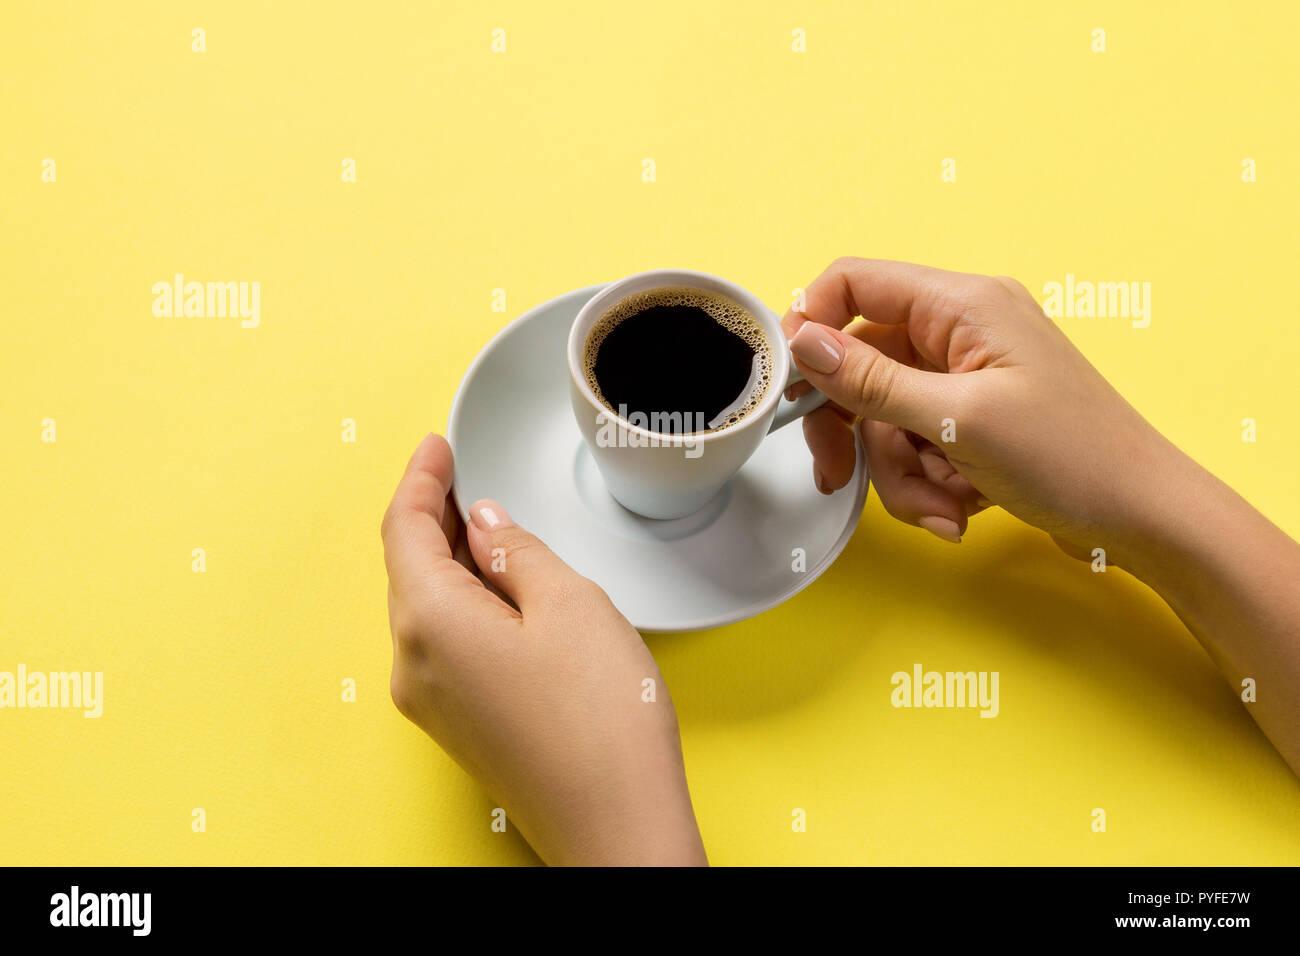 Stile minimalista donna mano che regge una tazza di caffè su sfondo giallo. Appartamento laico, vista dall'alto. Immagini Stock